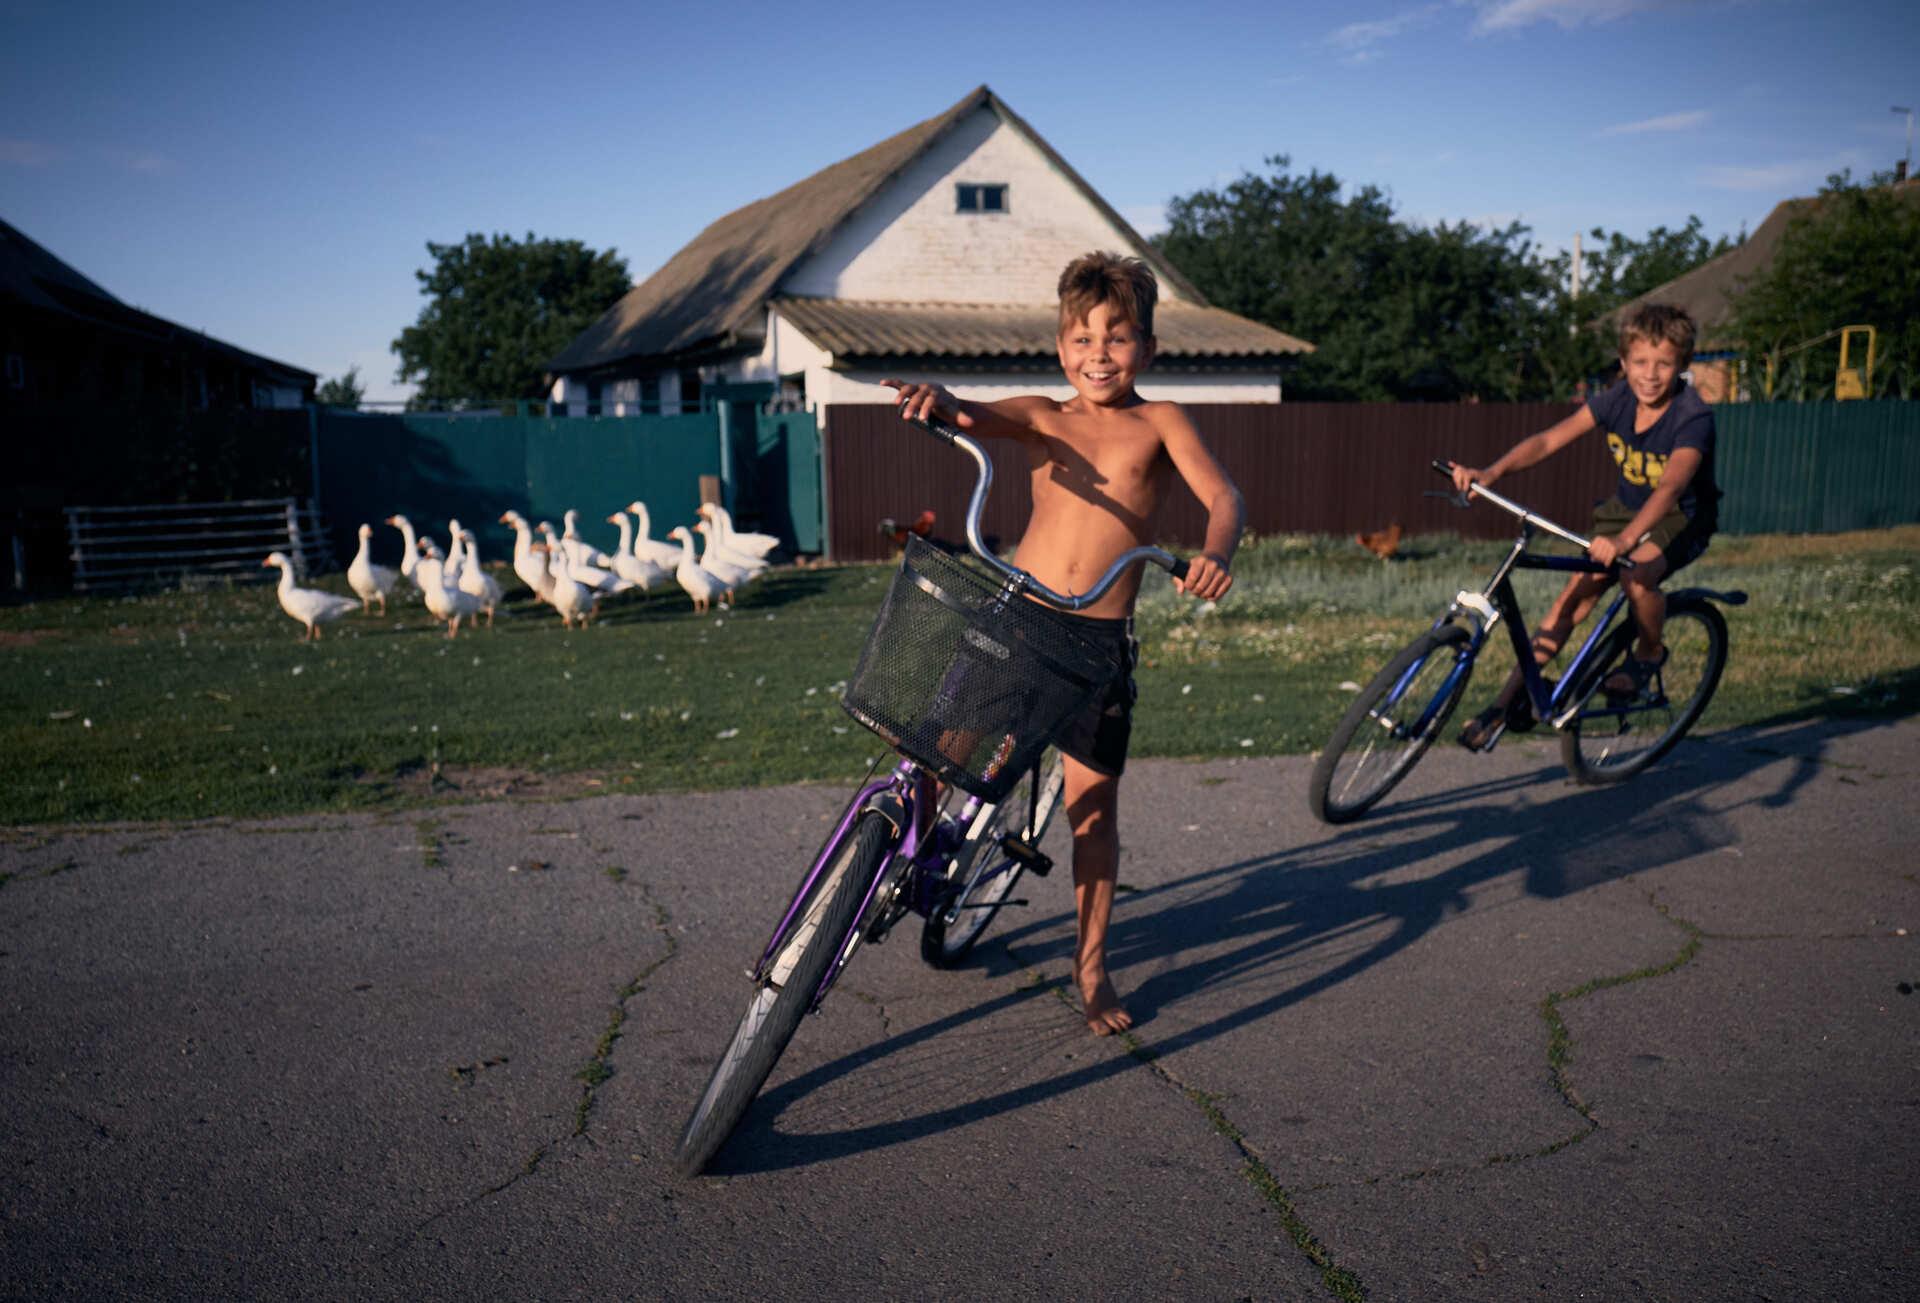 Діти катаються на велосипедах у селі Христанівка. 31 липня 2020 року. Експедиція Полтавщиною. Фото: Павло Пашко.